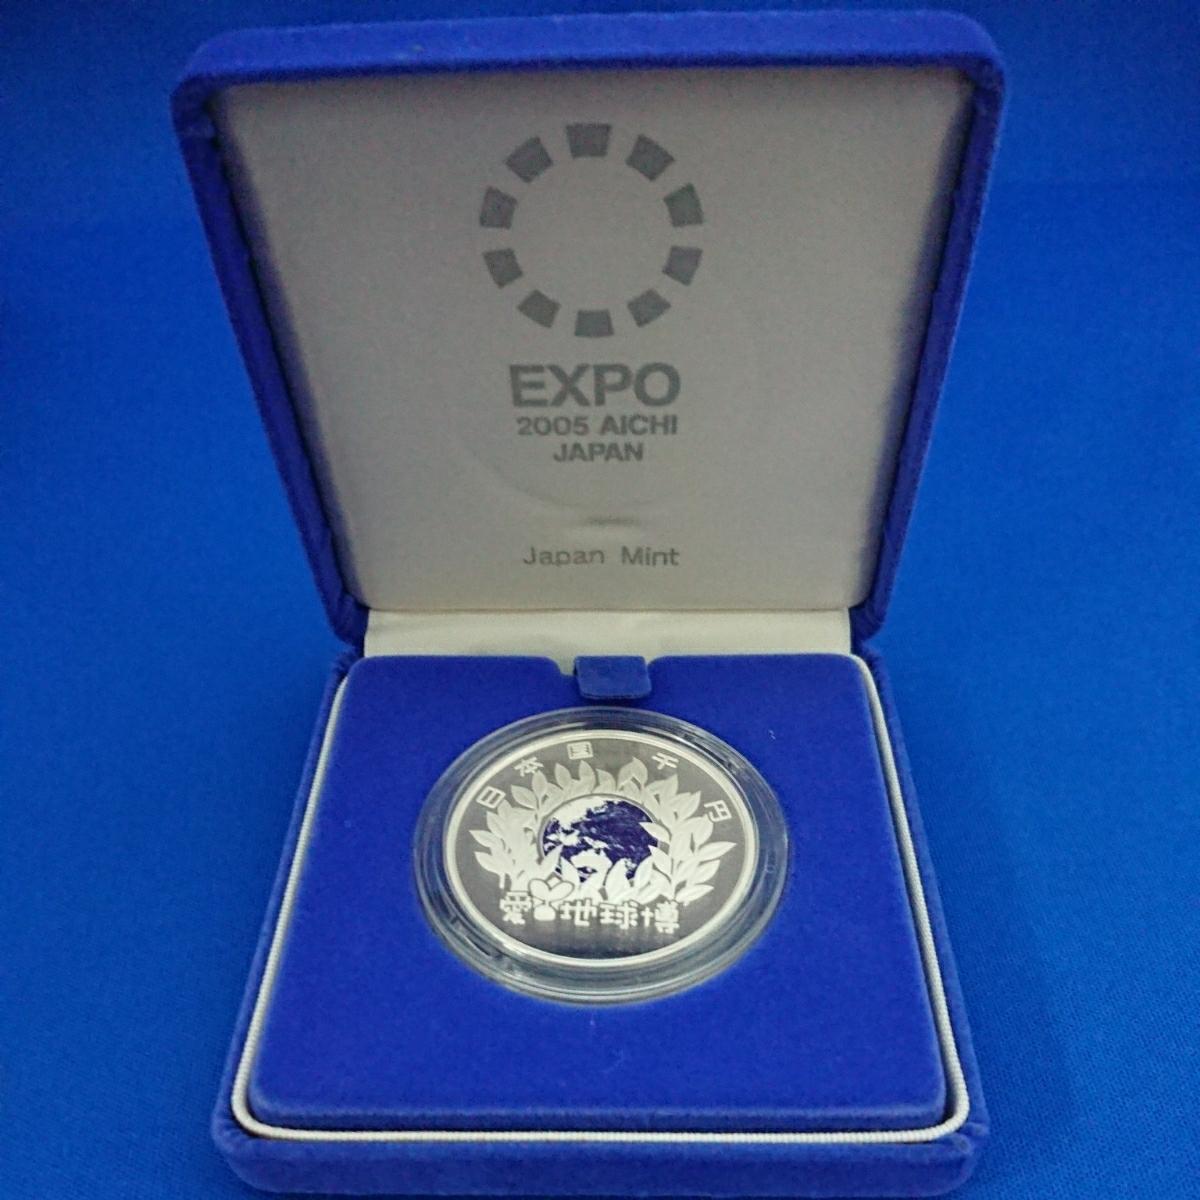 ♪♪♪2005年 愛・地球博  日本国際博覧会 記念貨幣発行記念メダル 千円銀貨幣プルーフ貨幣セット 2つまとめて 純銀 造幣局 ♪♪♪_画像3